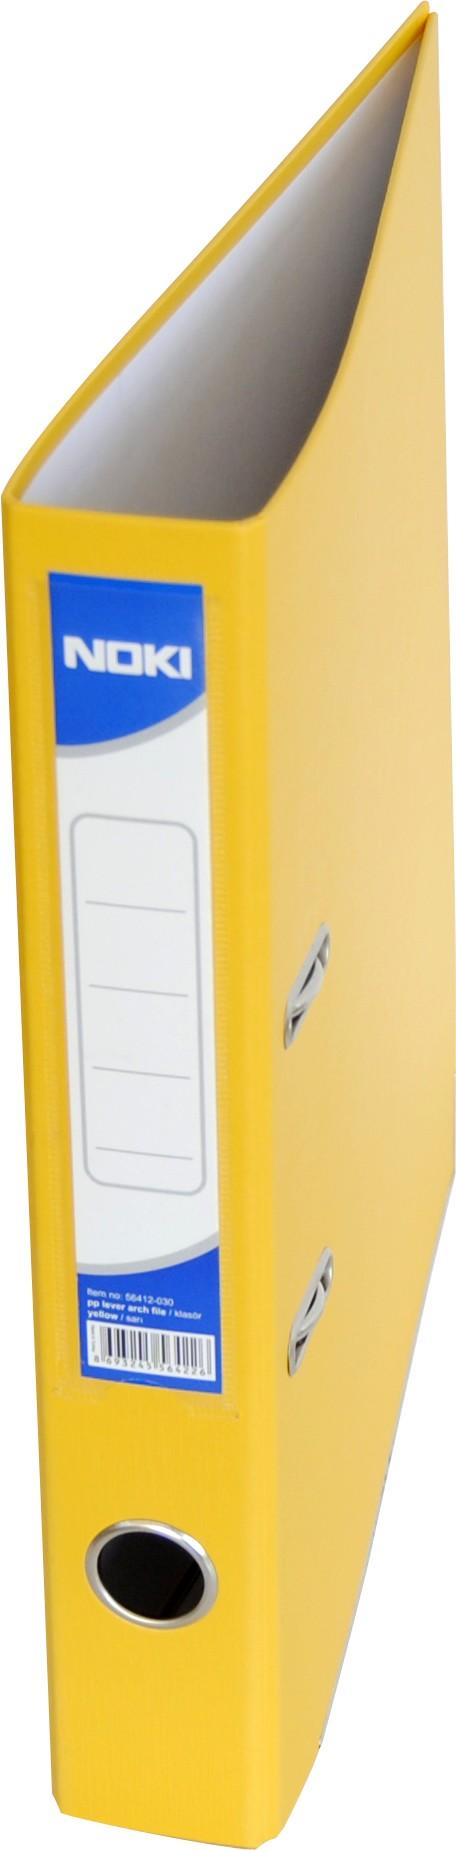 REGISTRATOR SAMOSTOJEĆI ,PP,50mm,žuti